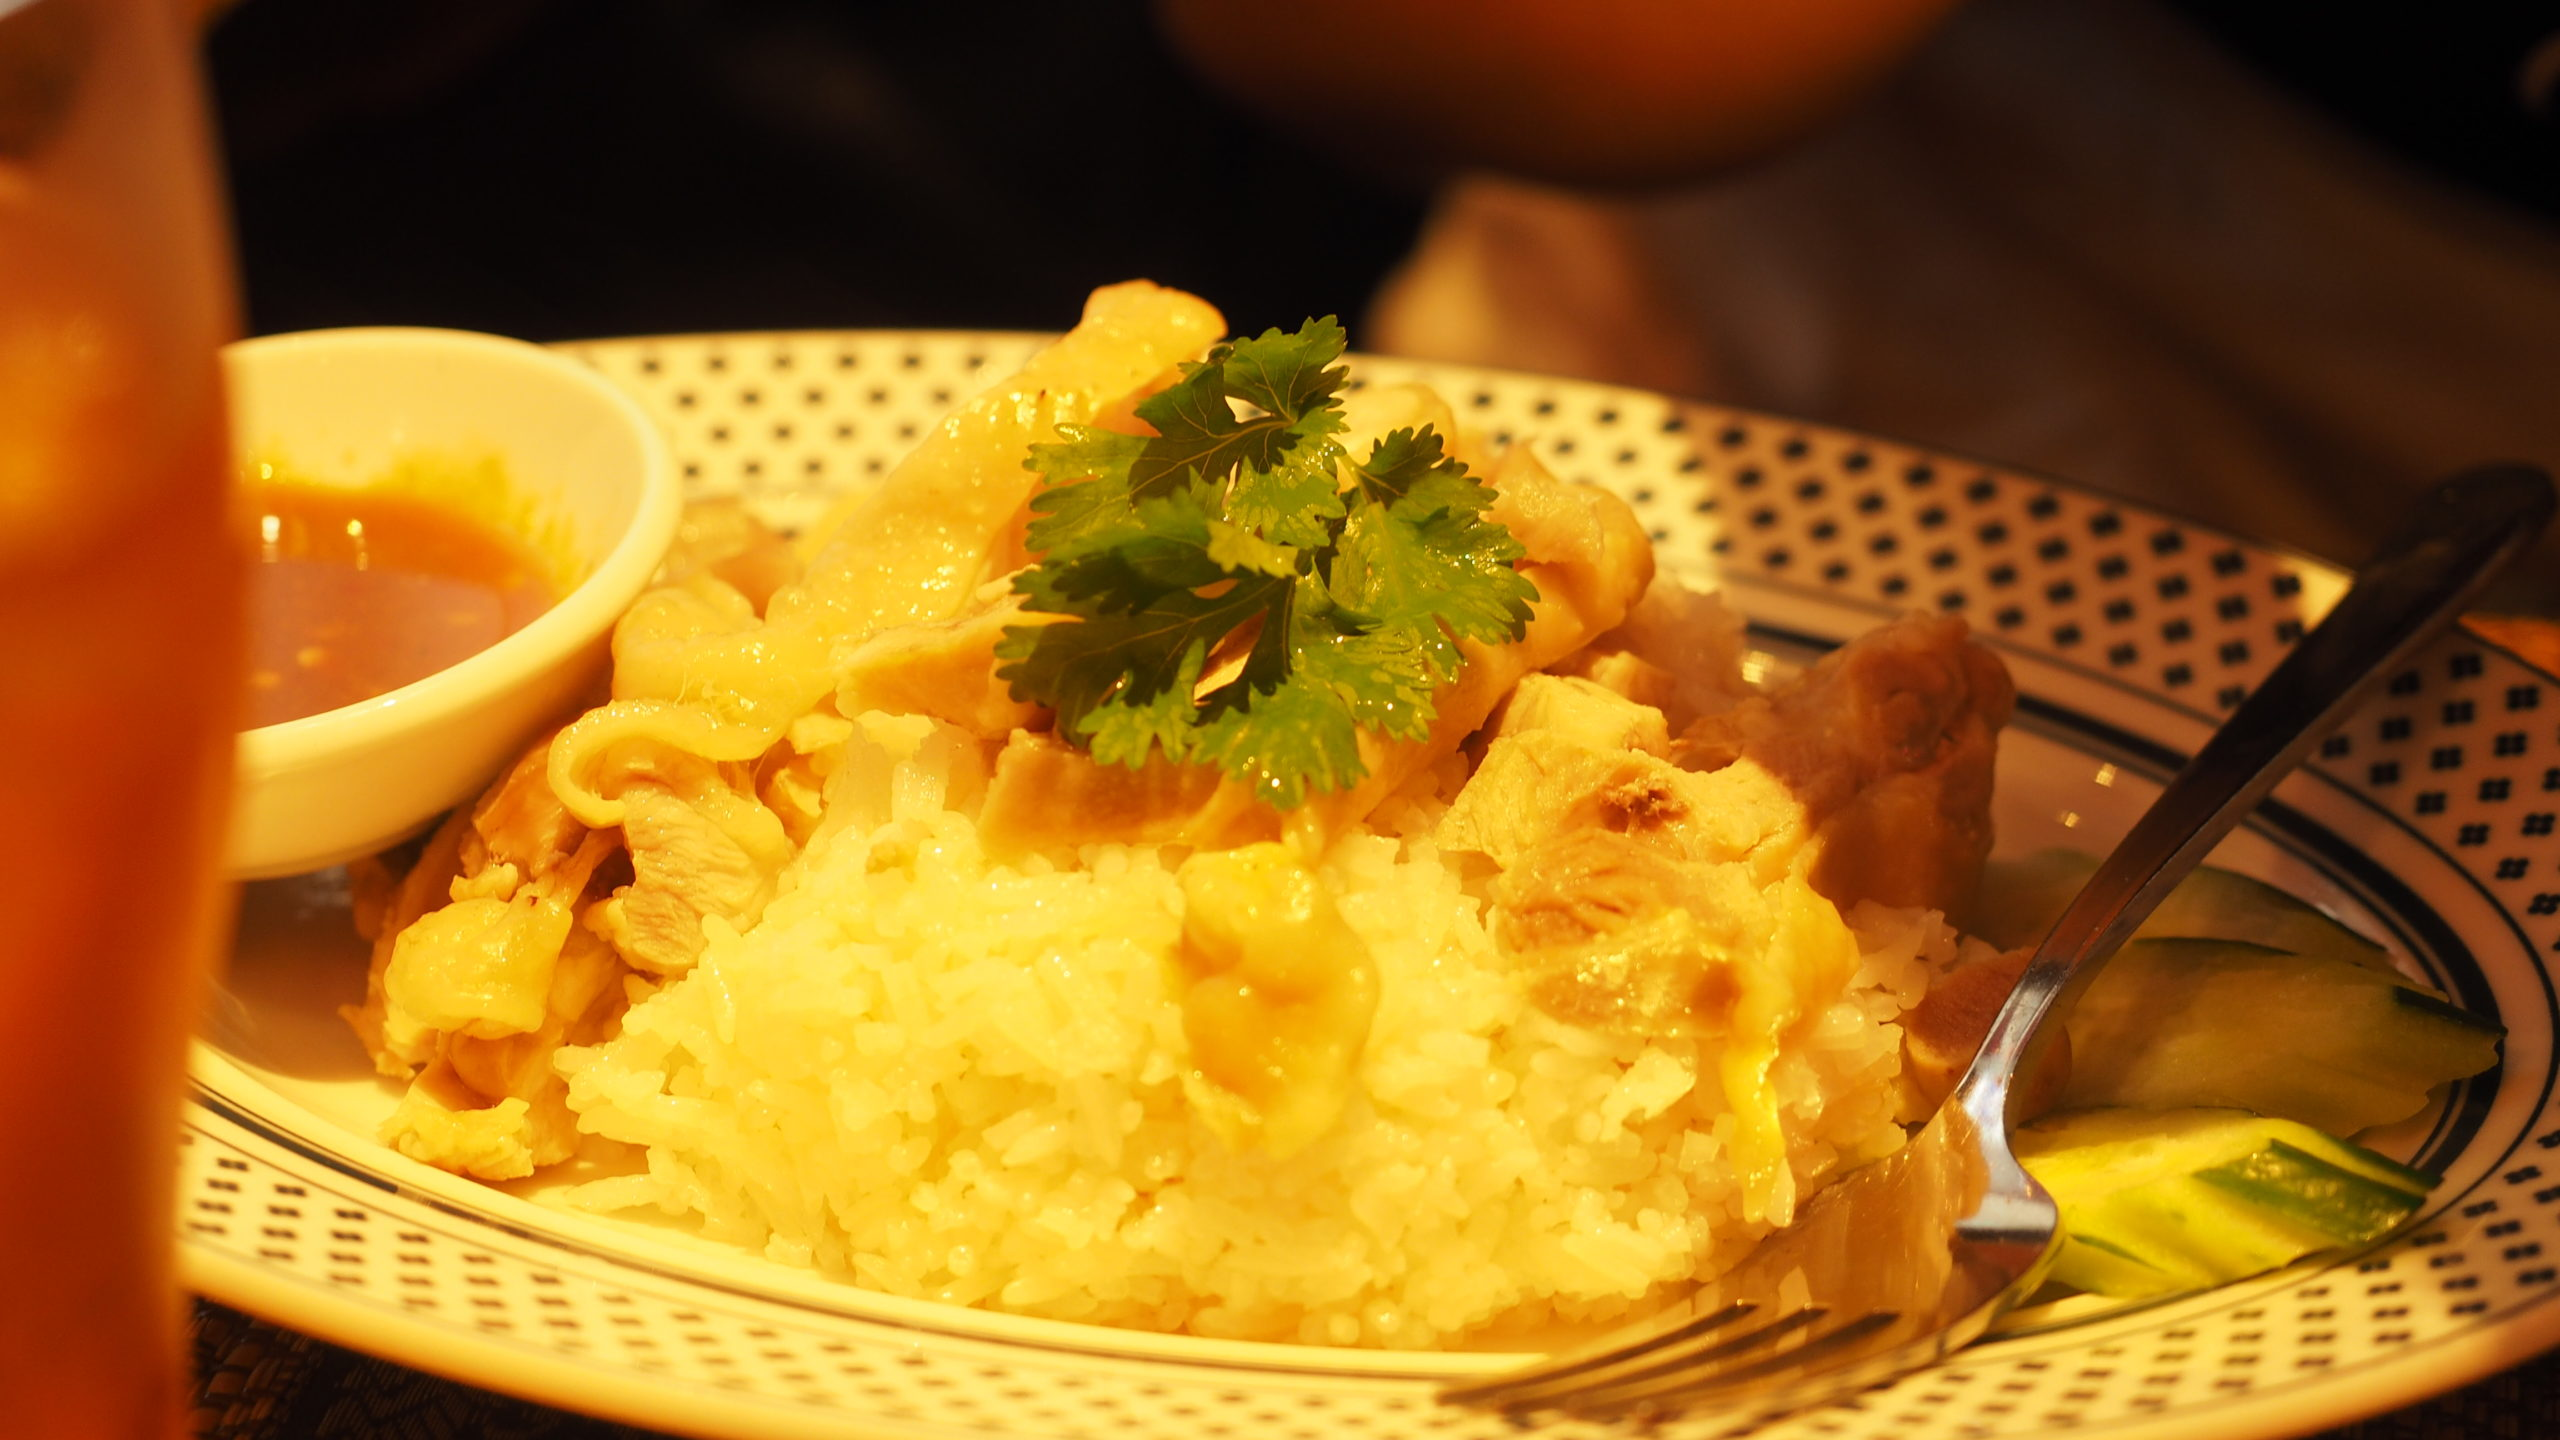 浅草橋 スマイルタイランド タイ料理 ランチ おすすめ